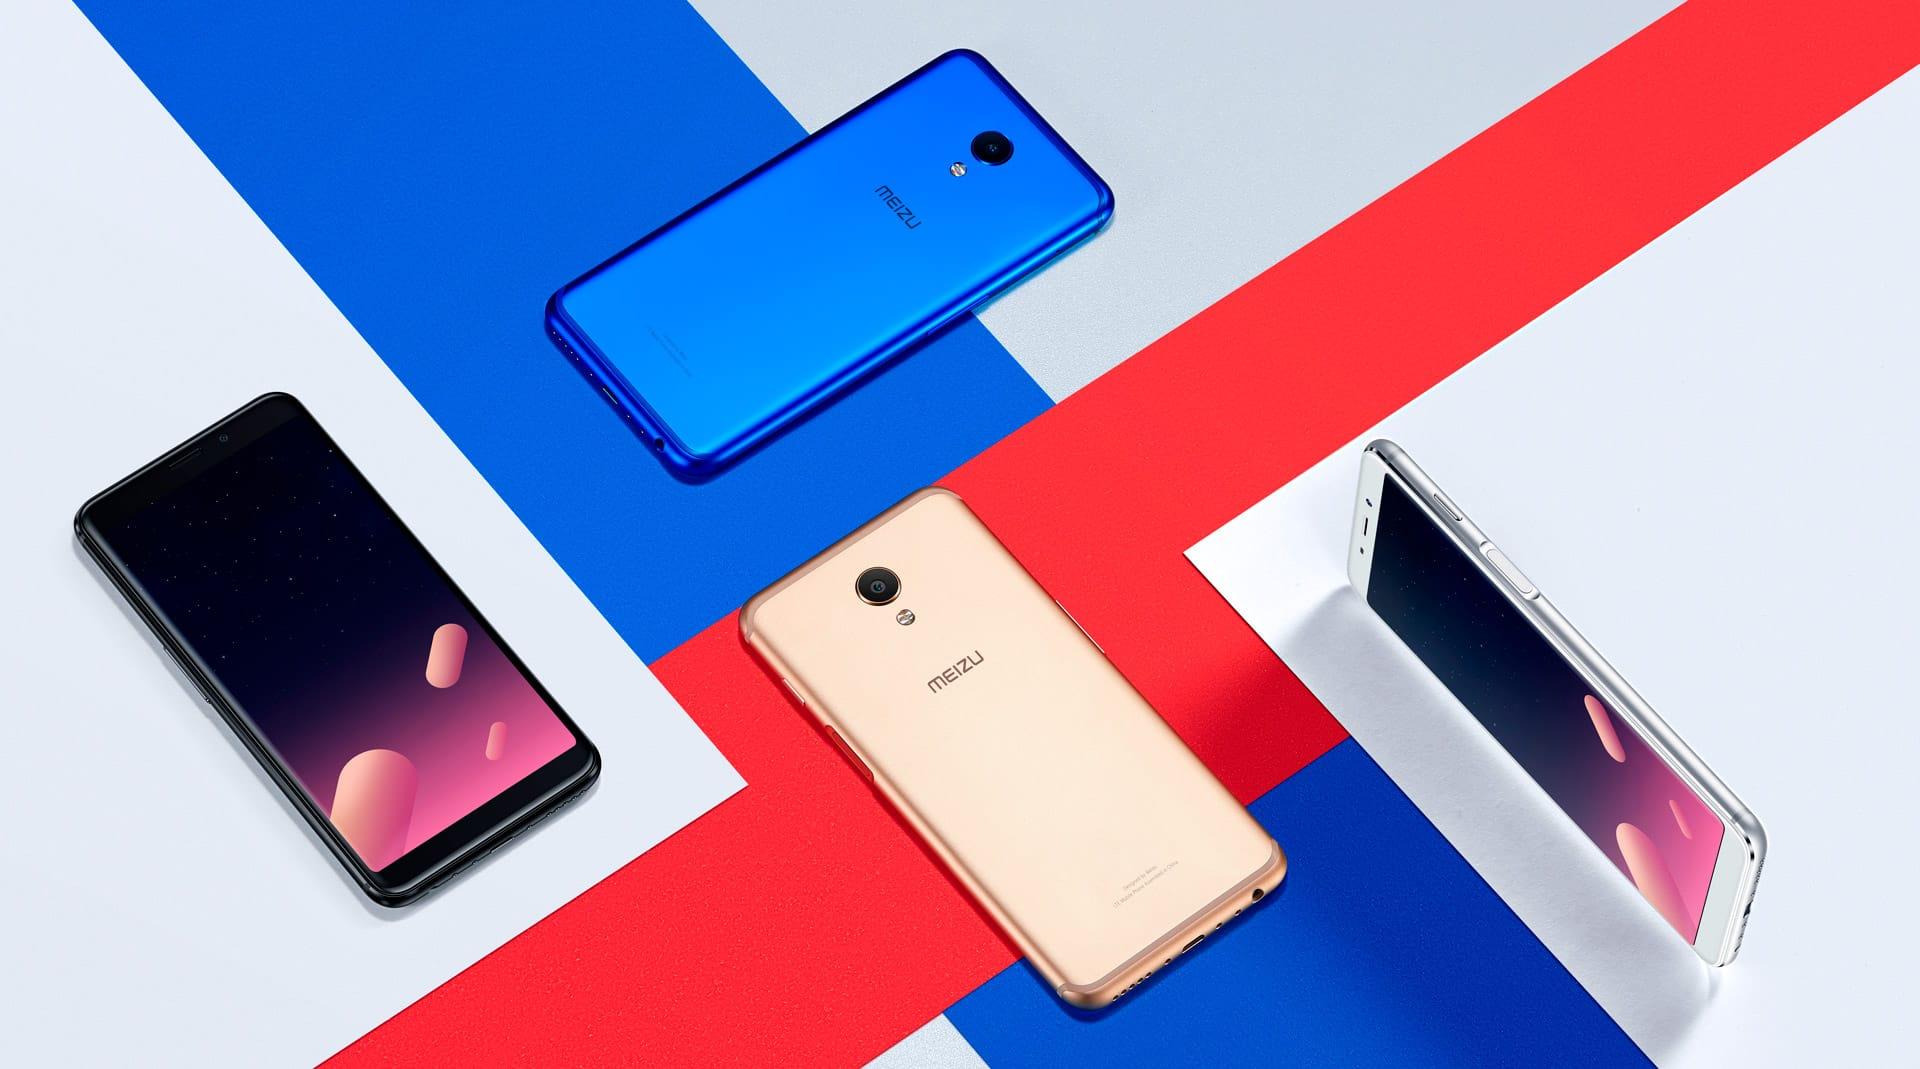 В Российской Федерации стартовали продажи телефонов Meizu M6s